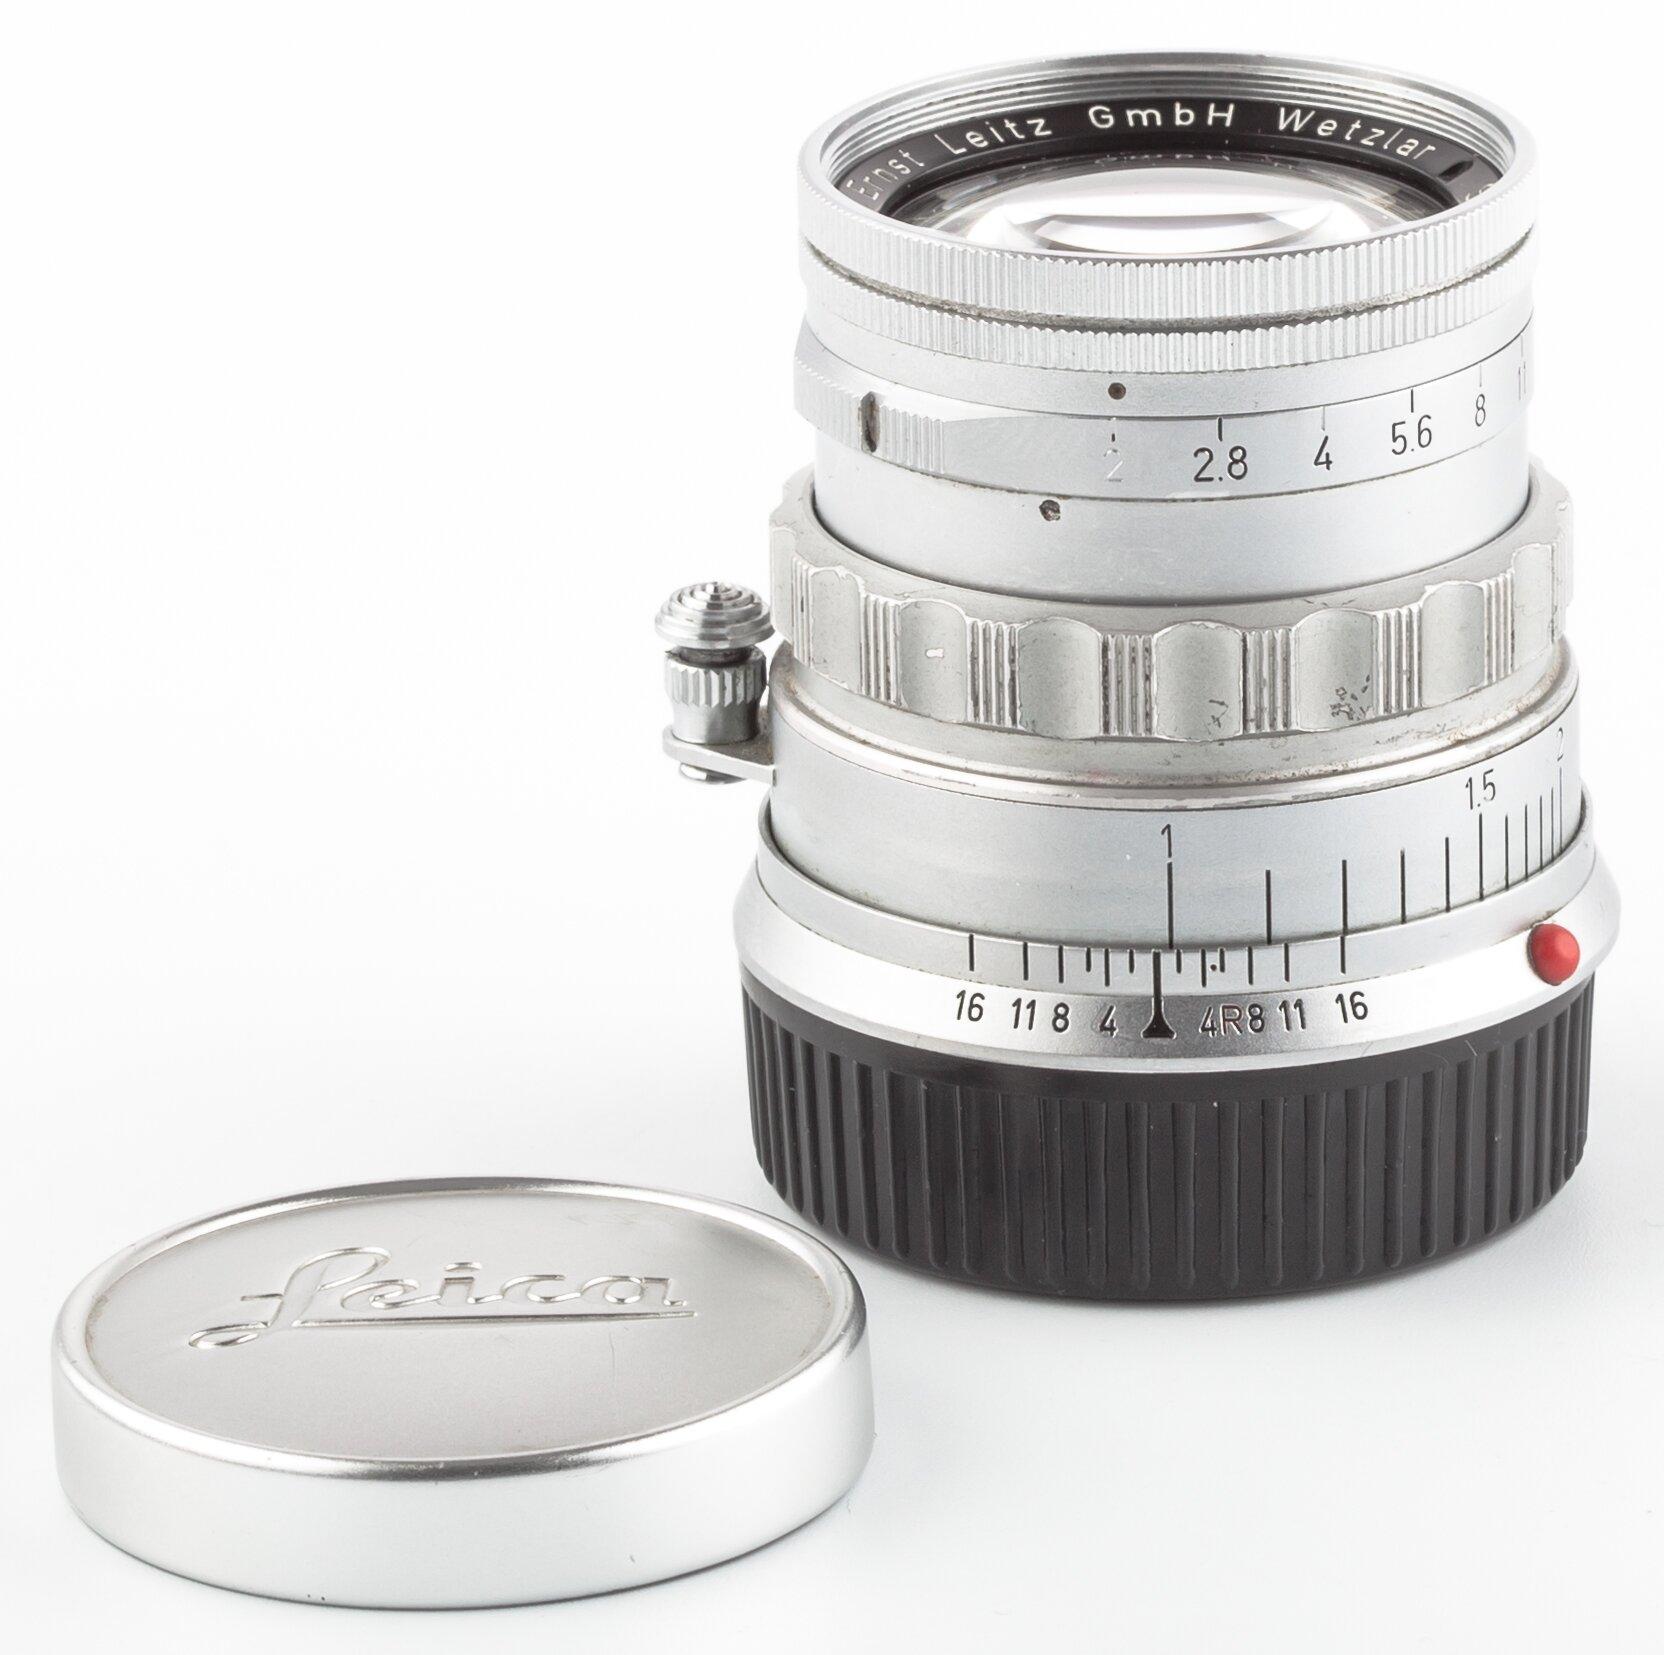 Leica M Summicron 5 cm F2 rigid 11818